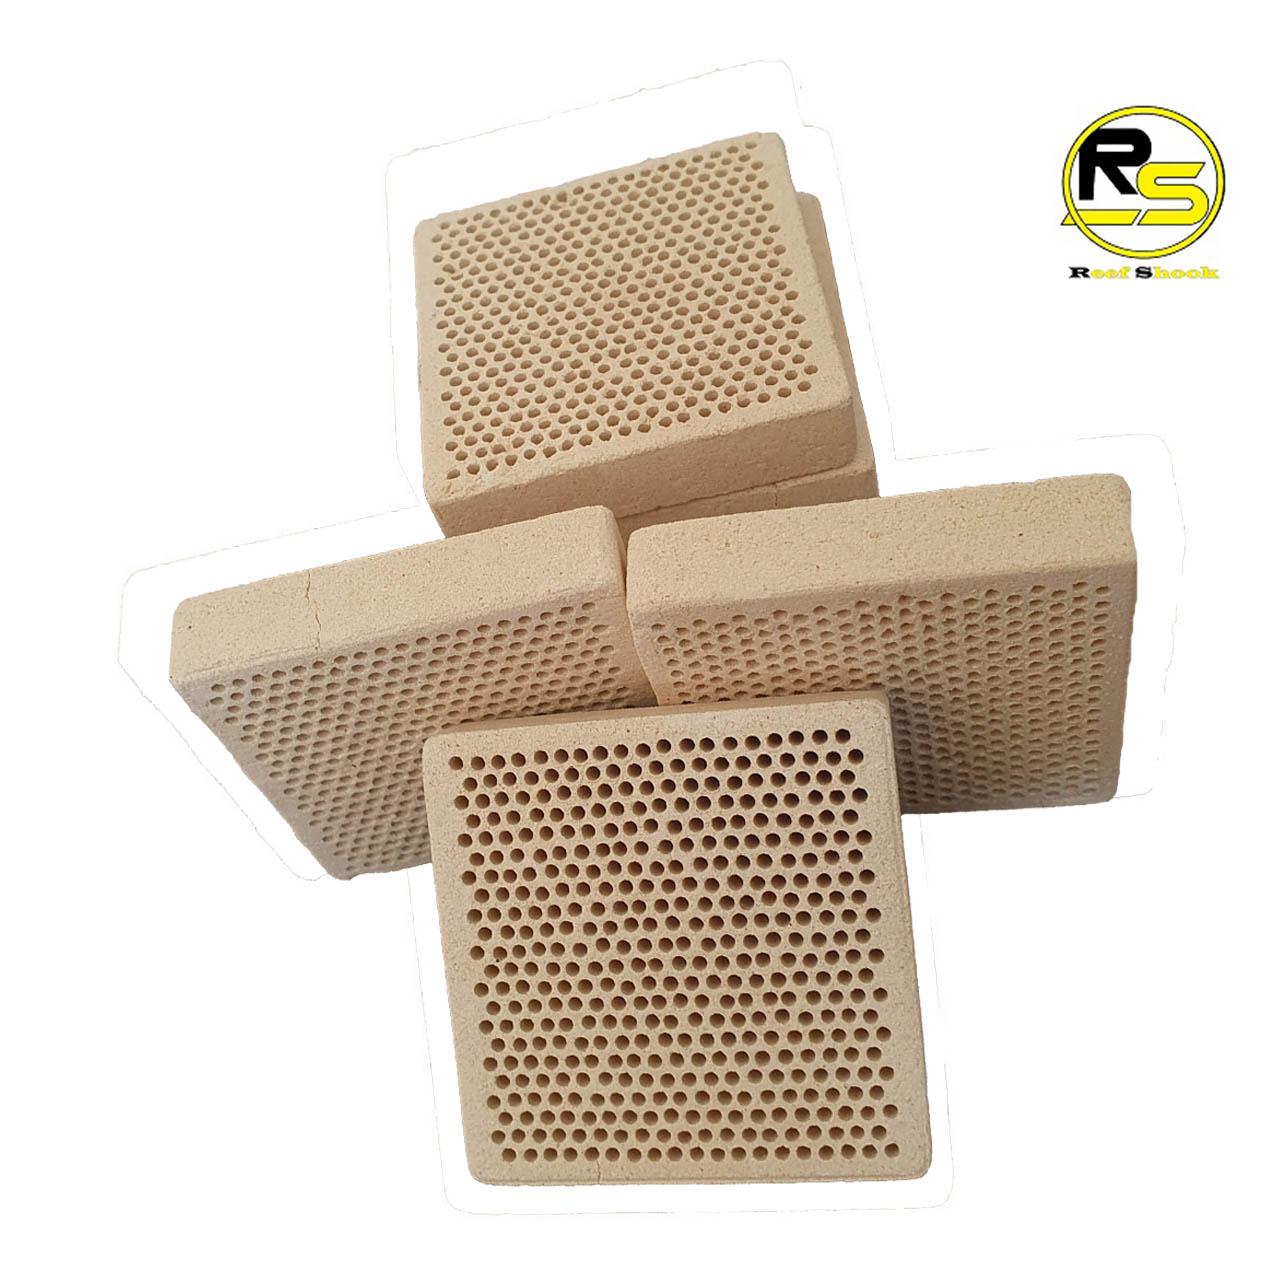 Base para Corais em Ceramica com Furos 5,4 x 5,4 x 1,2 cm kit 10 unidades